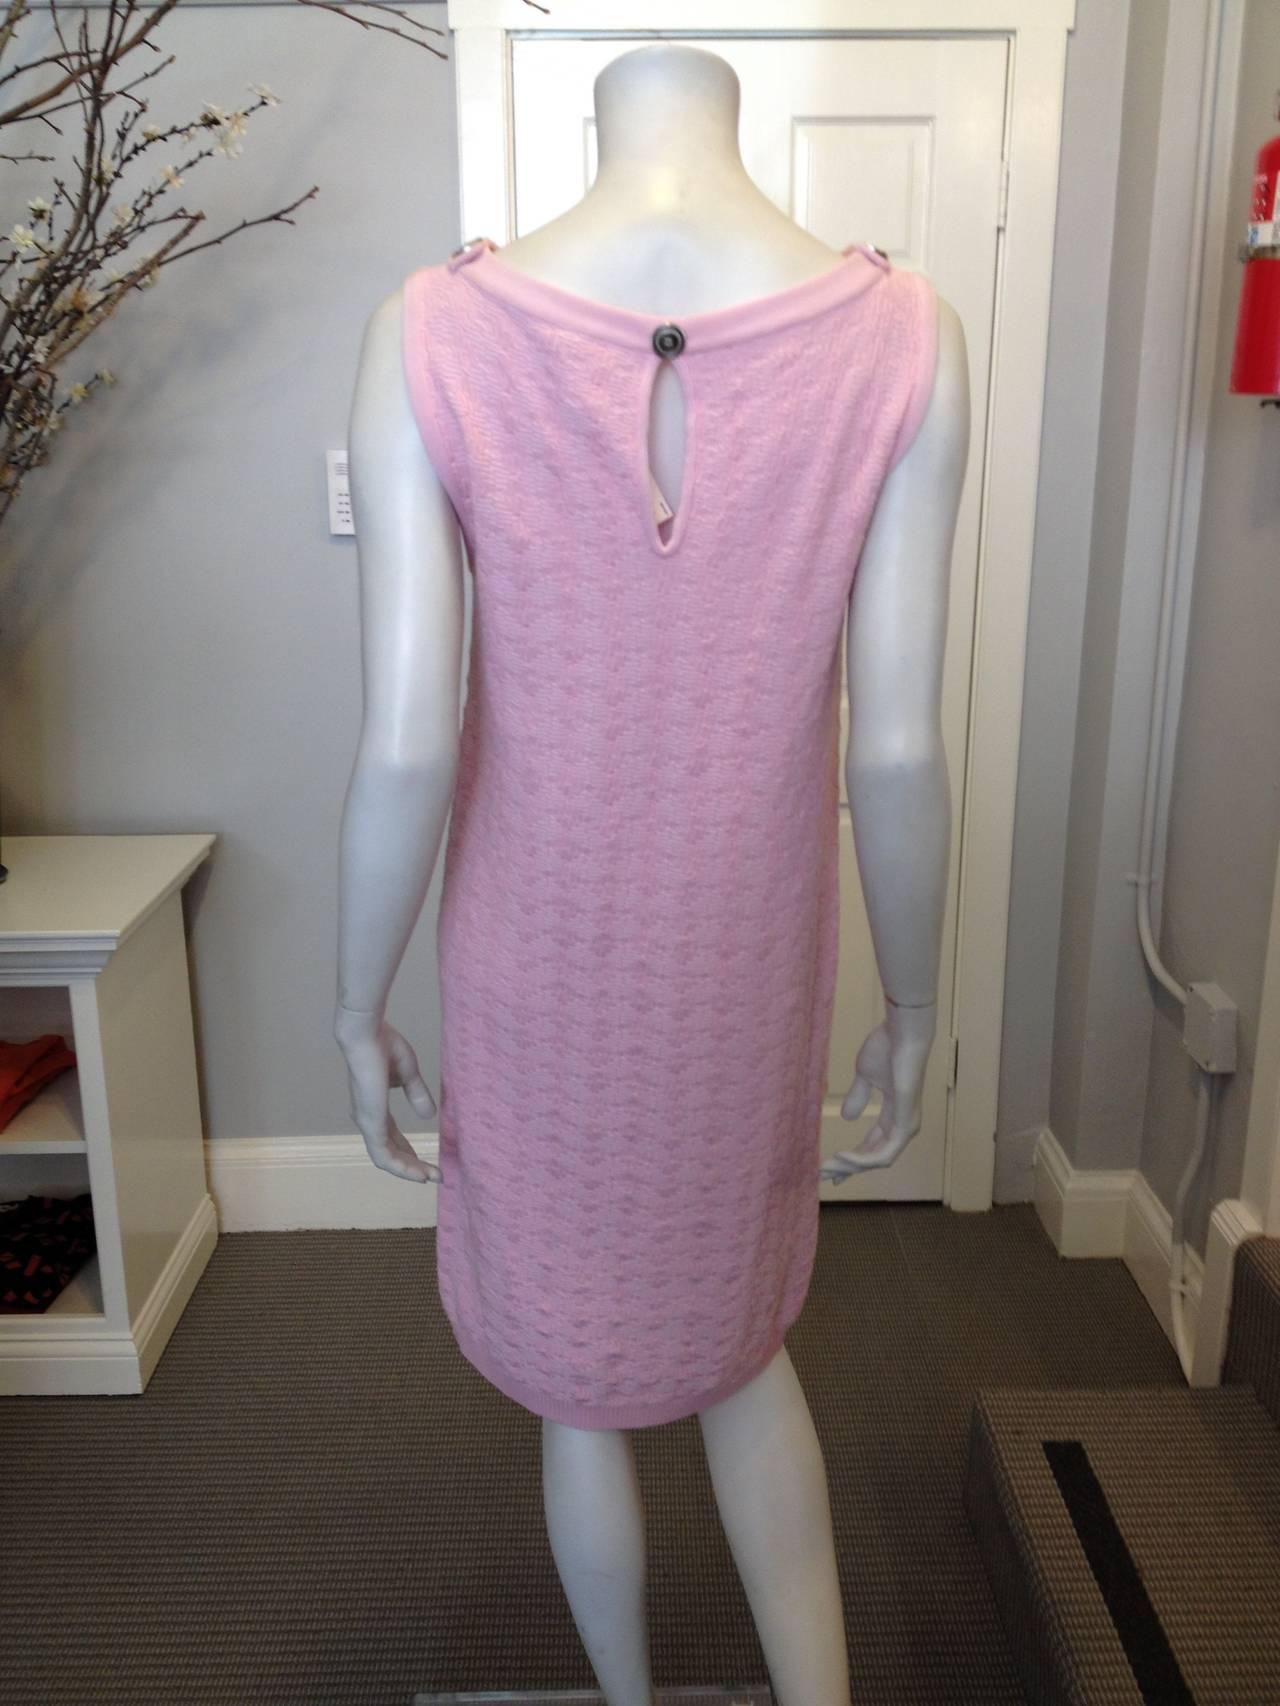 Chanel Pink Knit Sleeveless Dress 7